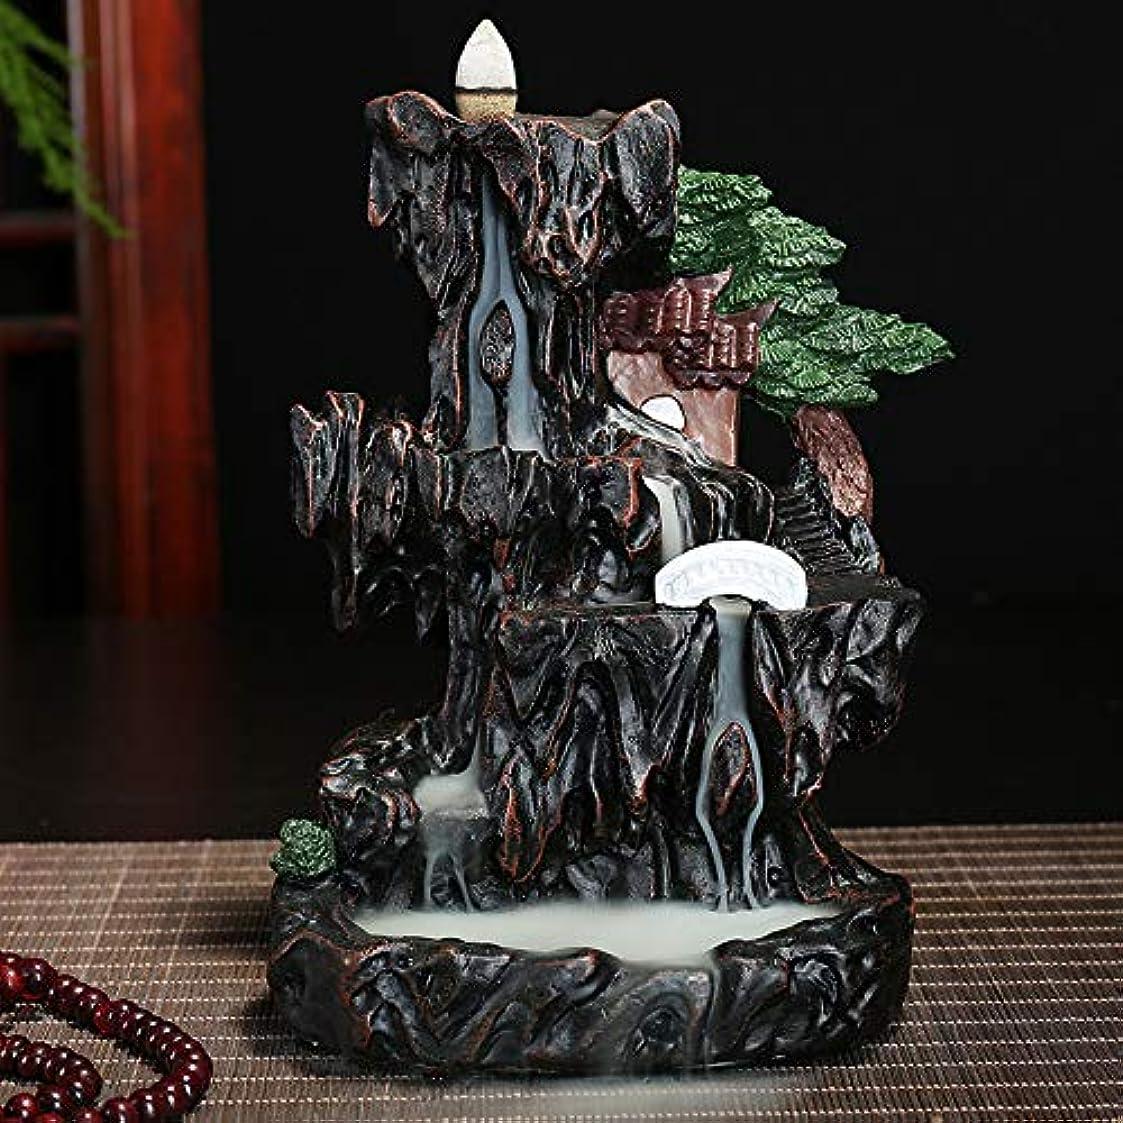 あいさつモロニックバイバイPHILOGOD 香炉 樹脂材料マウンテンリバー風景逆流香炉 香皿 香立てホームデコレーション